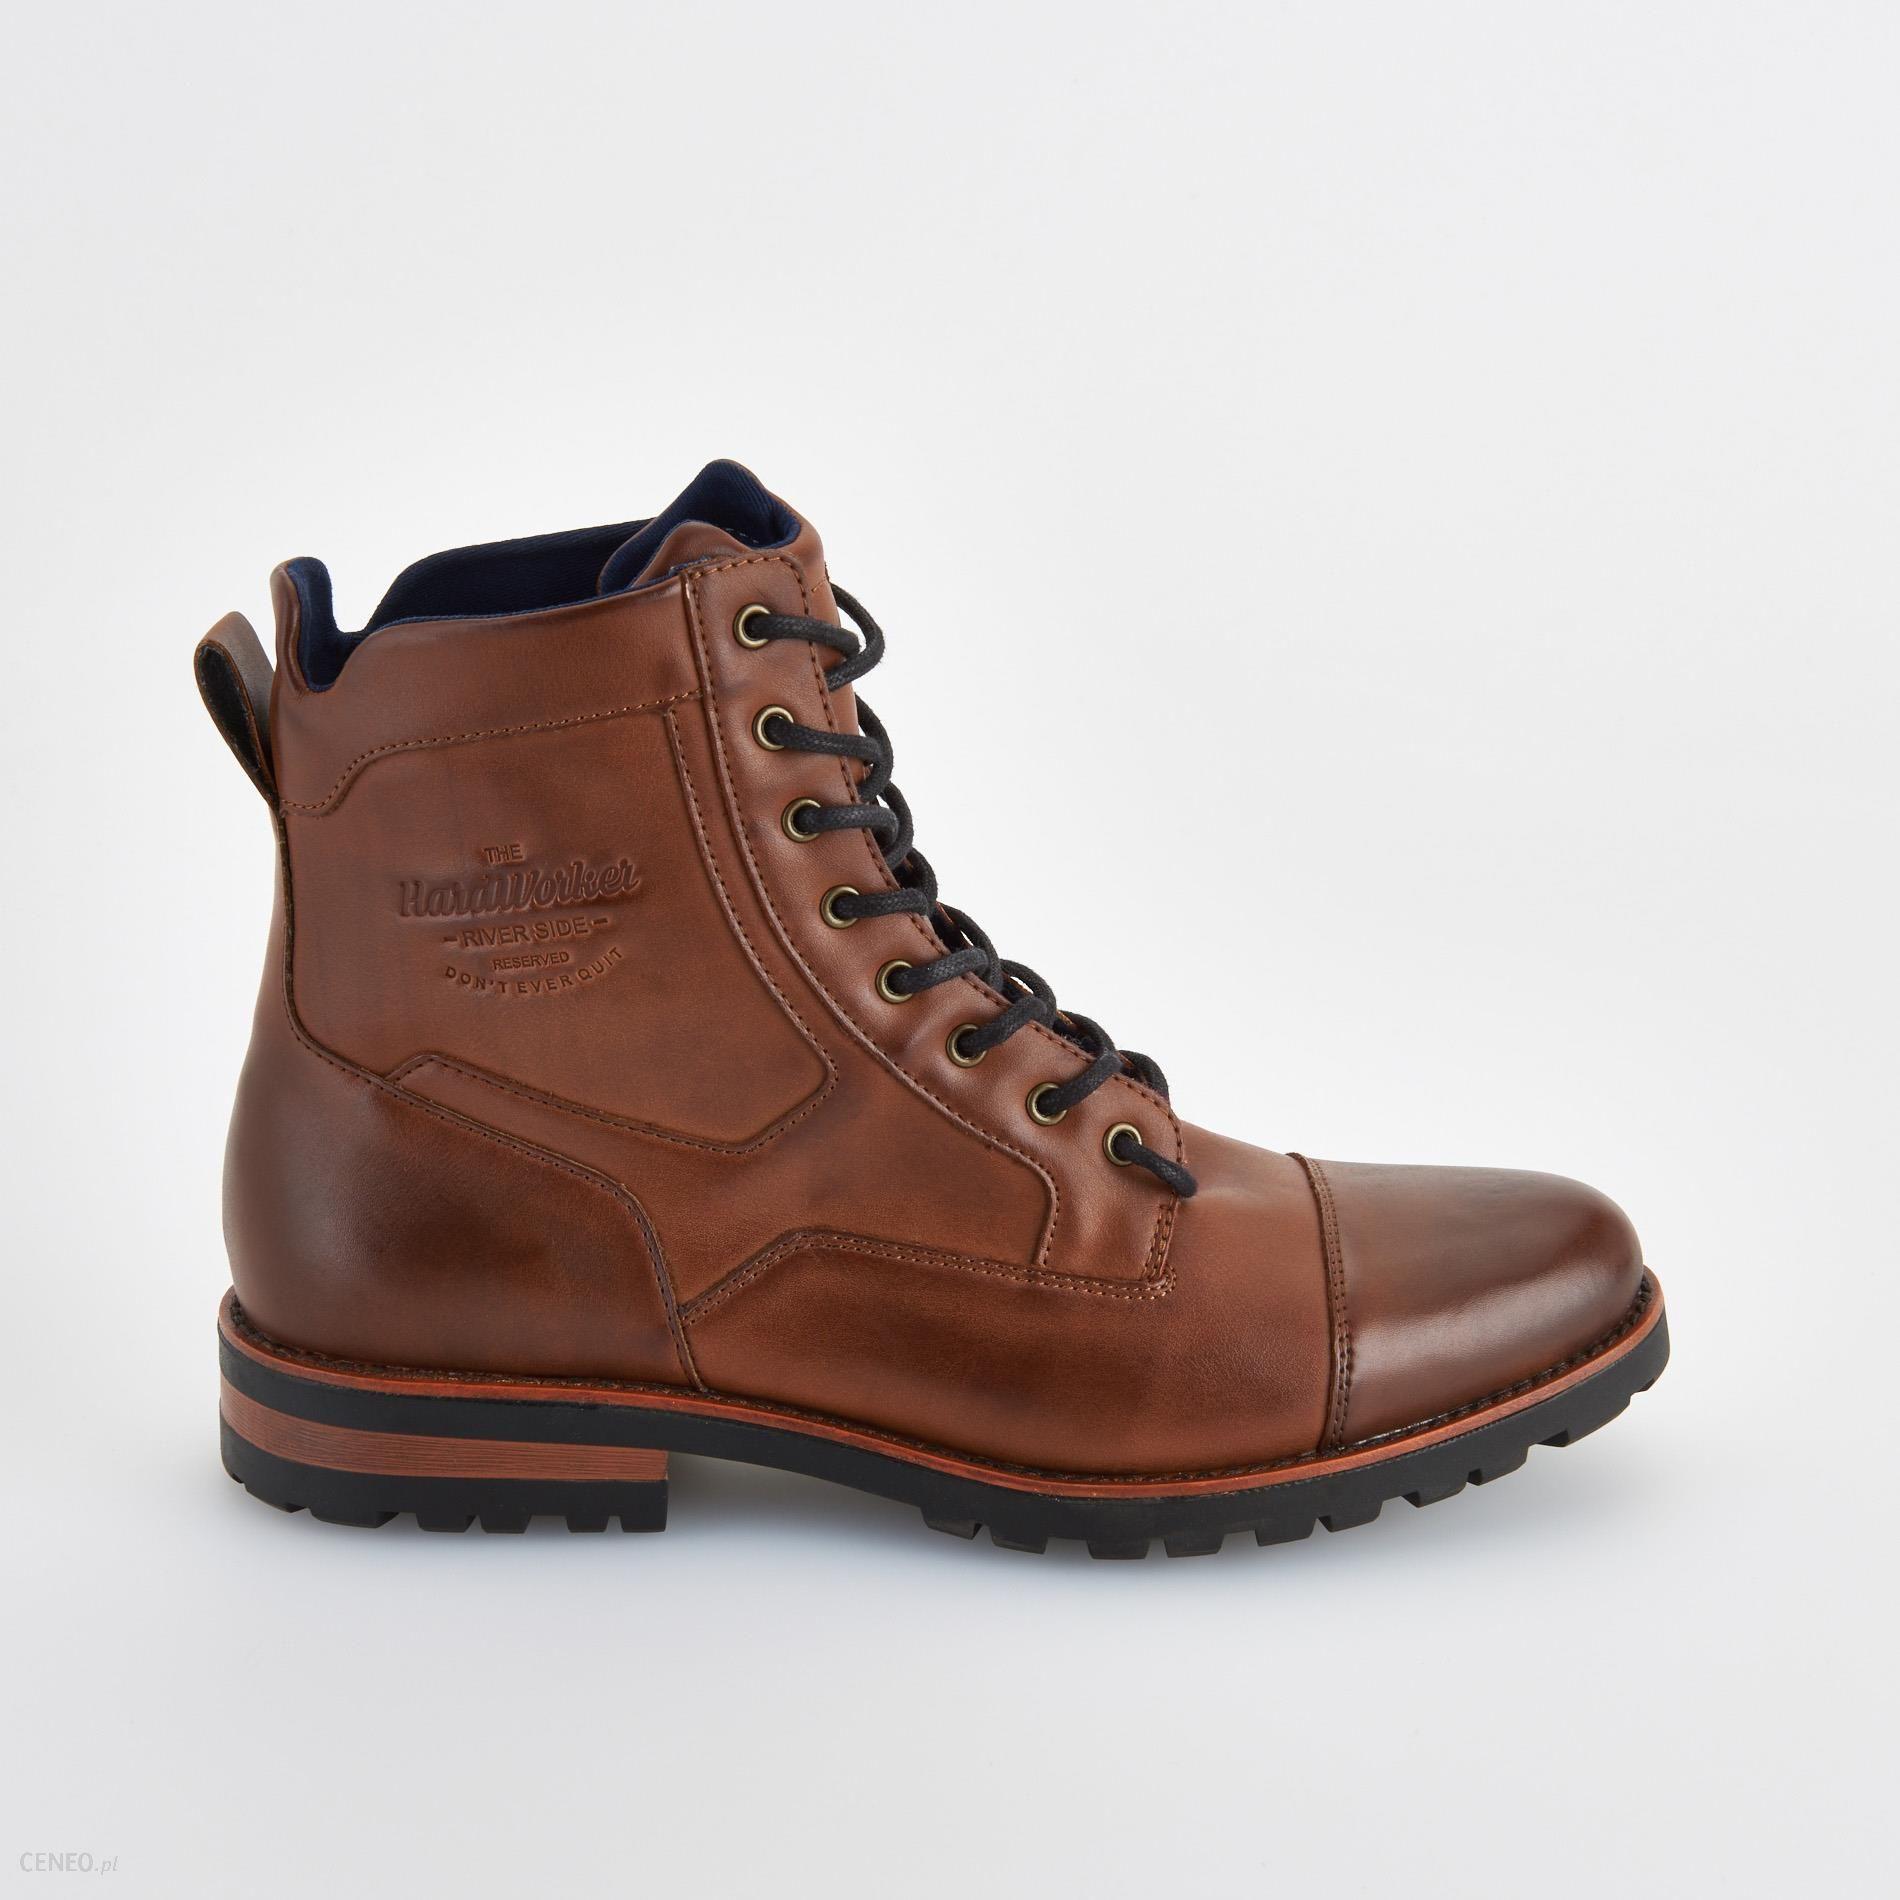 Reserved Sznurowane buty za kostkę Brązowy męska